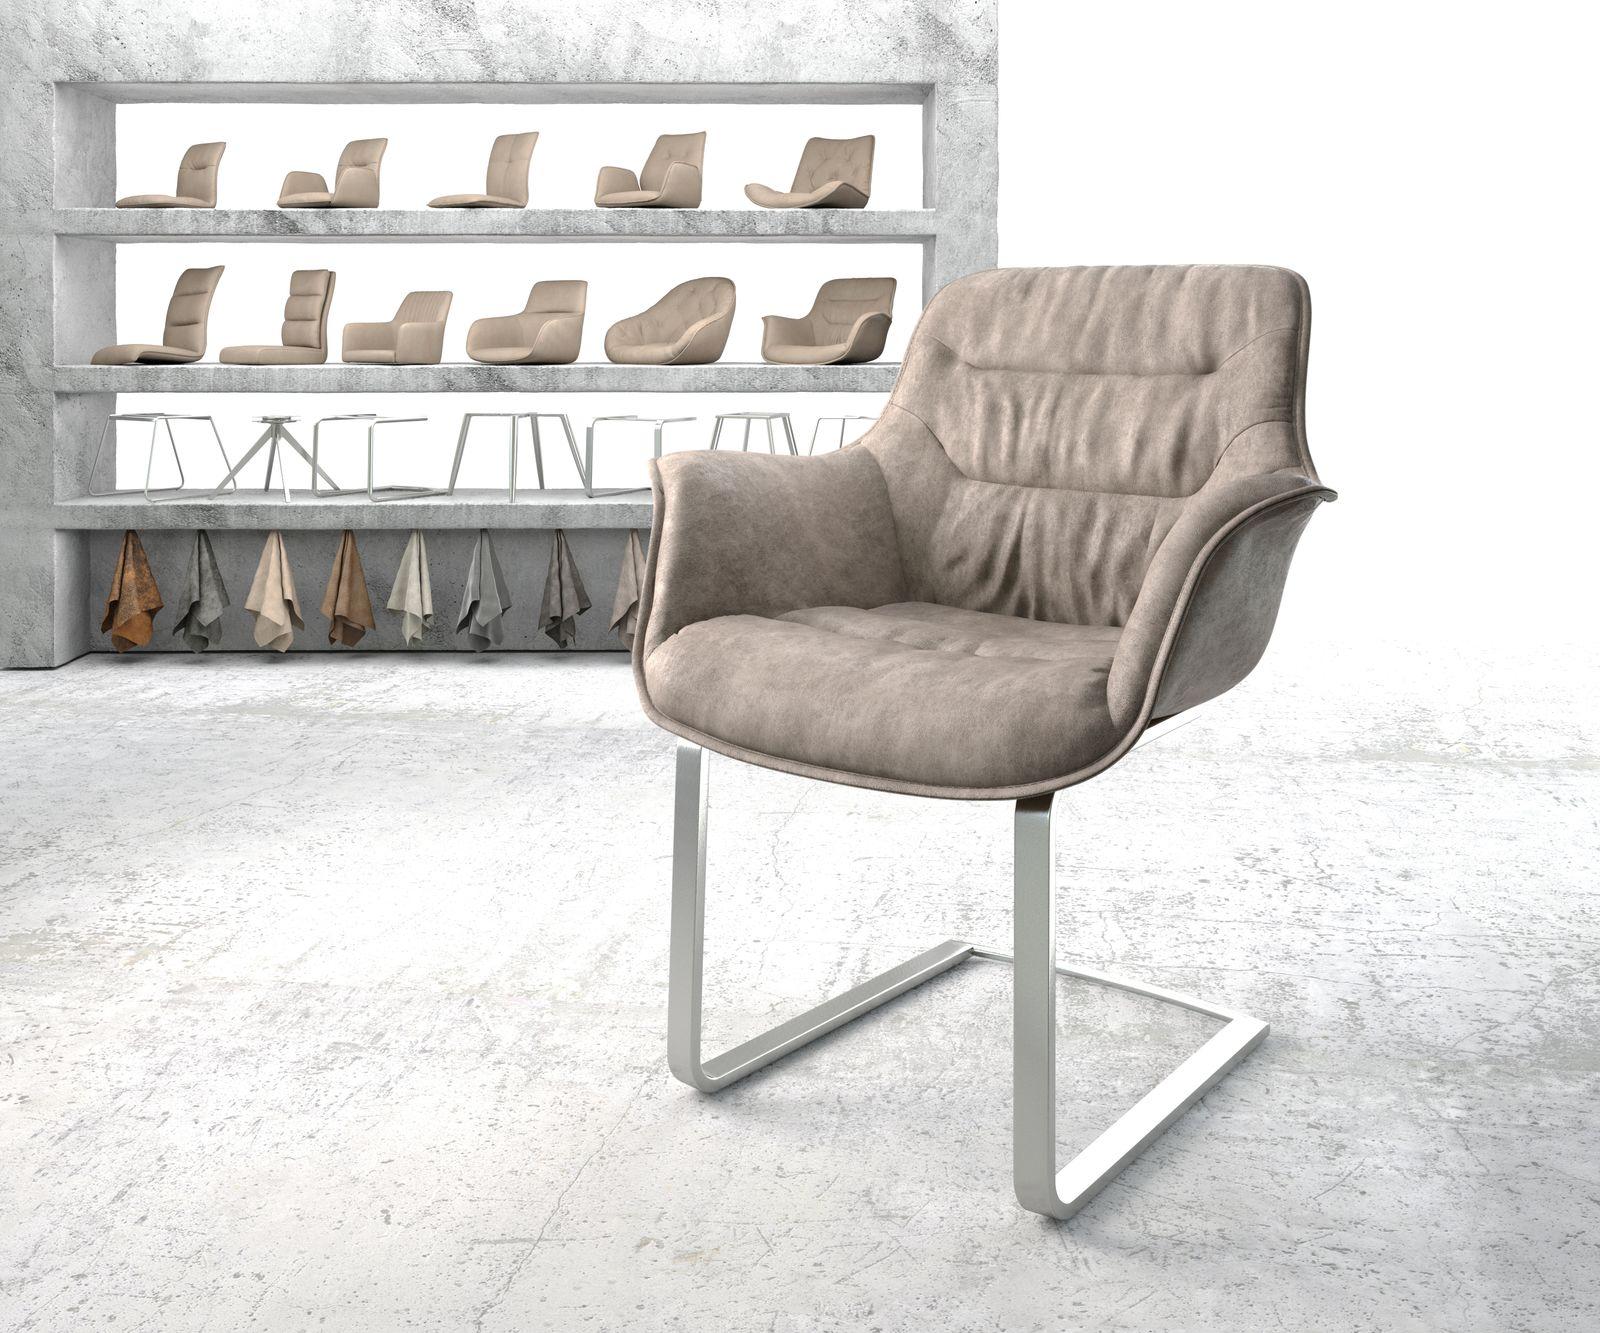 delife-armlehnstuhl-kaira-flex-taupe-vintage-freischwinger-flach-edelstahl-esszimmerstuhle